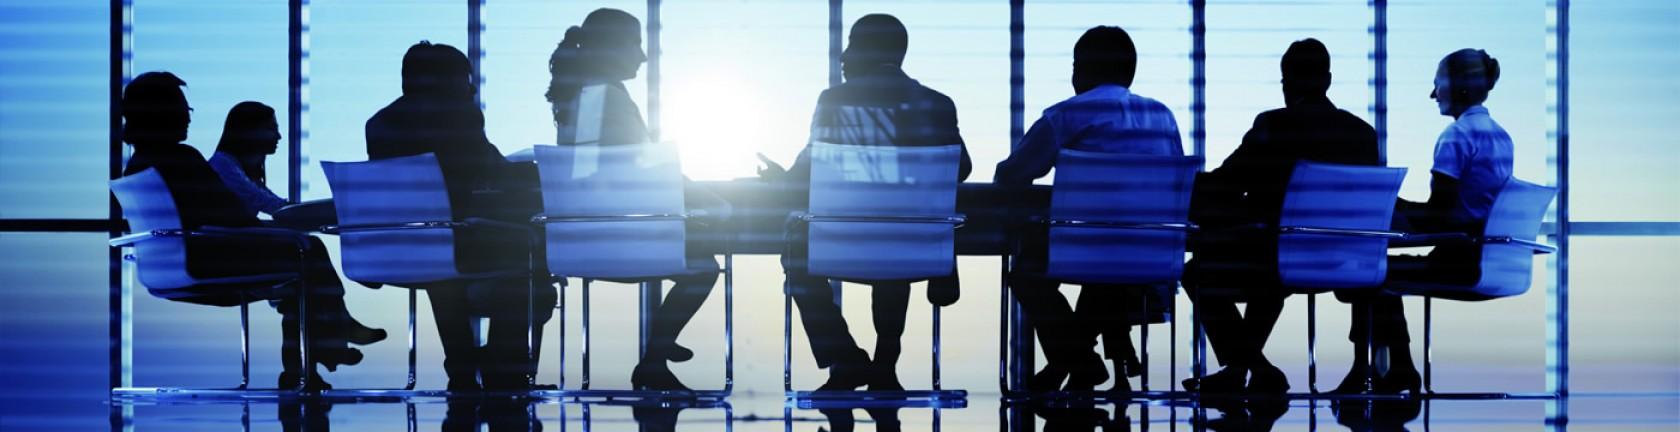 Prise de RDV personnalisé - MBA Communication Publique et Influence EFAP Bordeaux